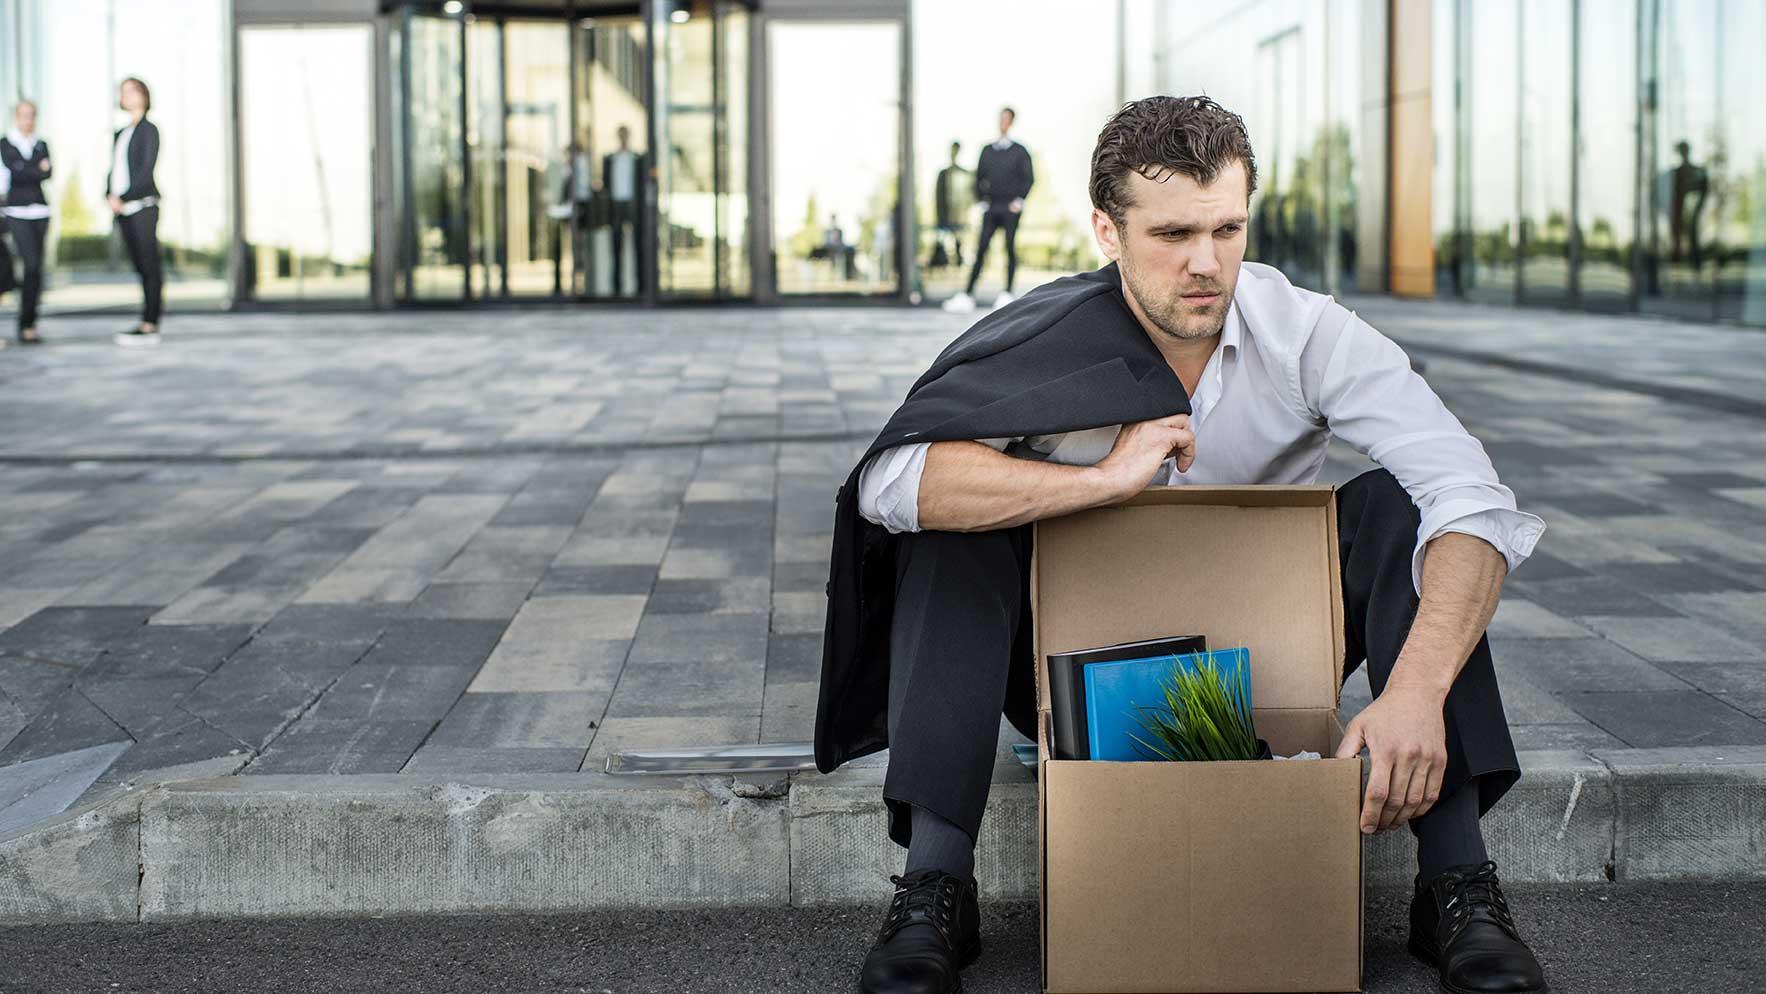 AltText: Ein Mann sitzt am Boden. Neben ihm steht ein Karton mit Büroartikeln. Er hält ein Kündigungsschreiben in der Hand.